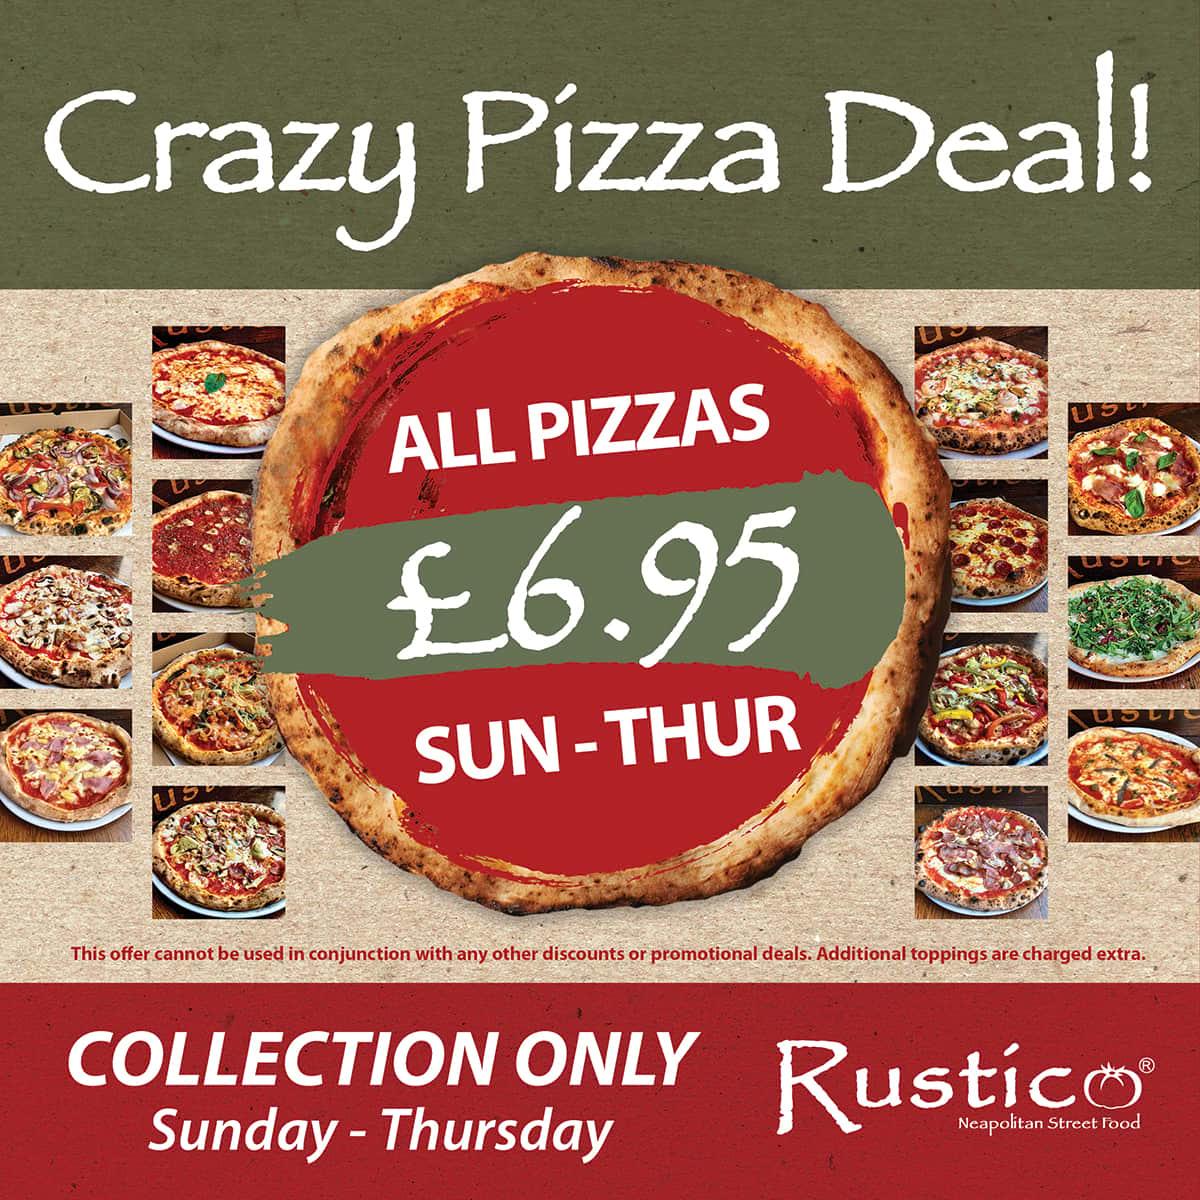 Crazy Pizza Deal